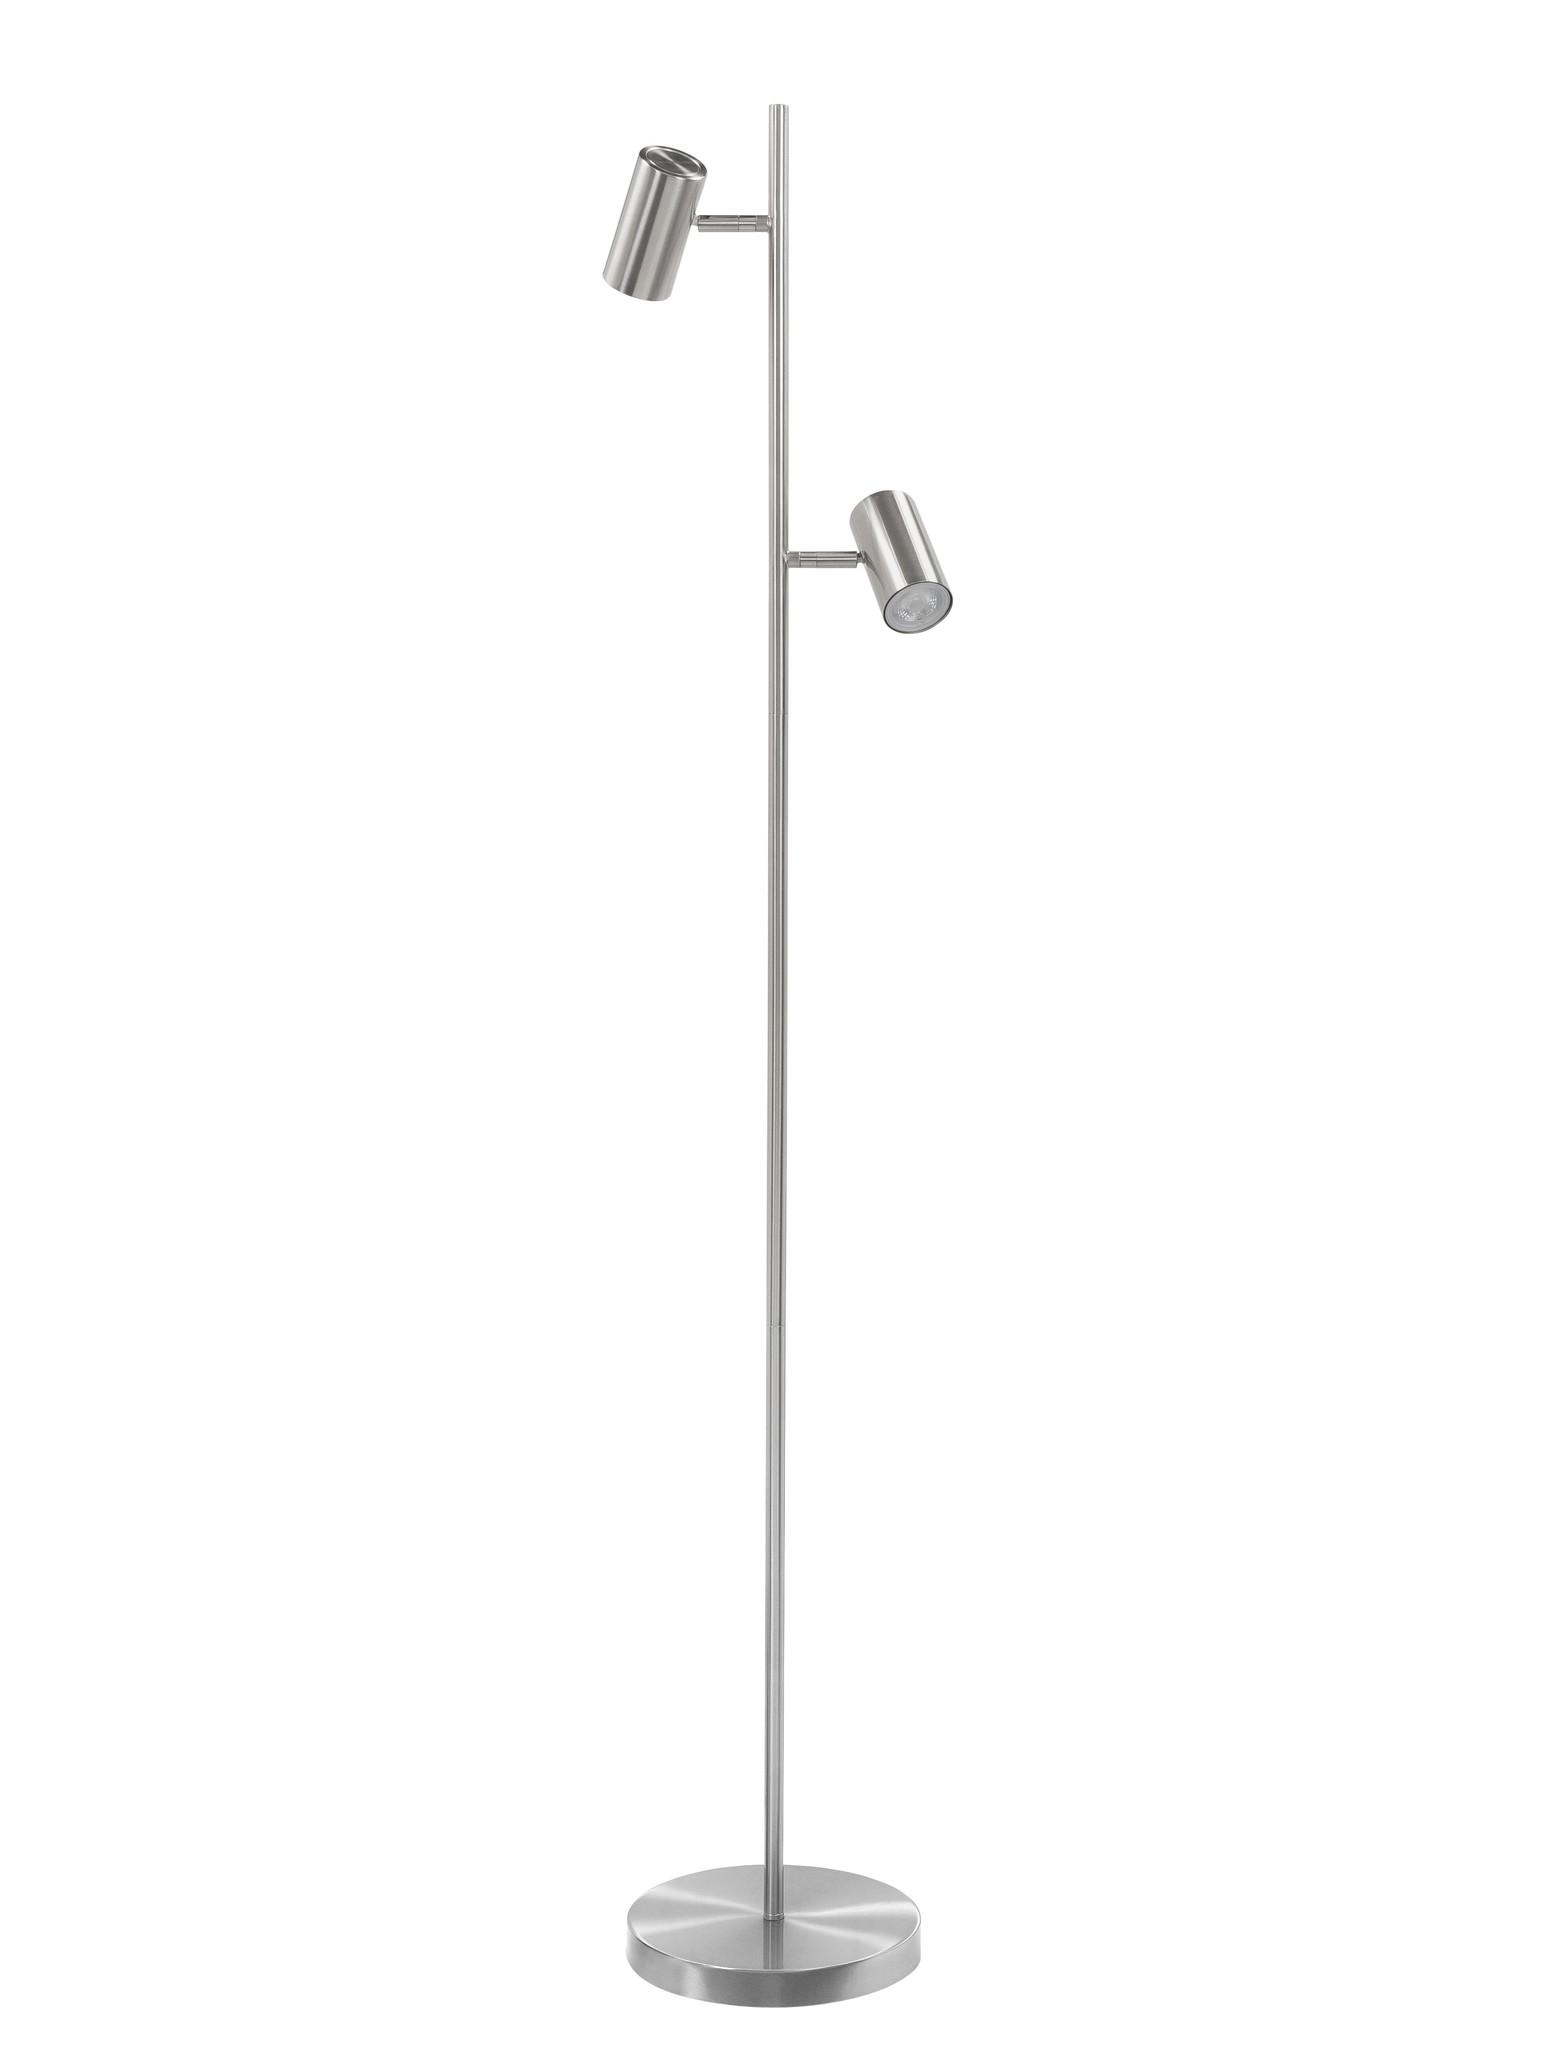 Vloerlamp Burgos RVS 2 lichts 142cm